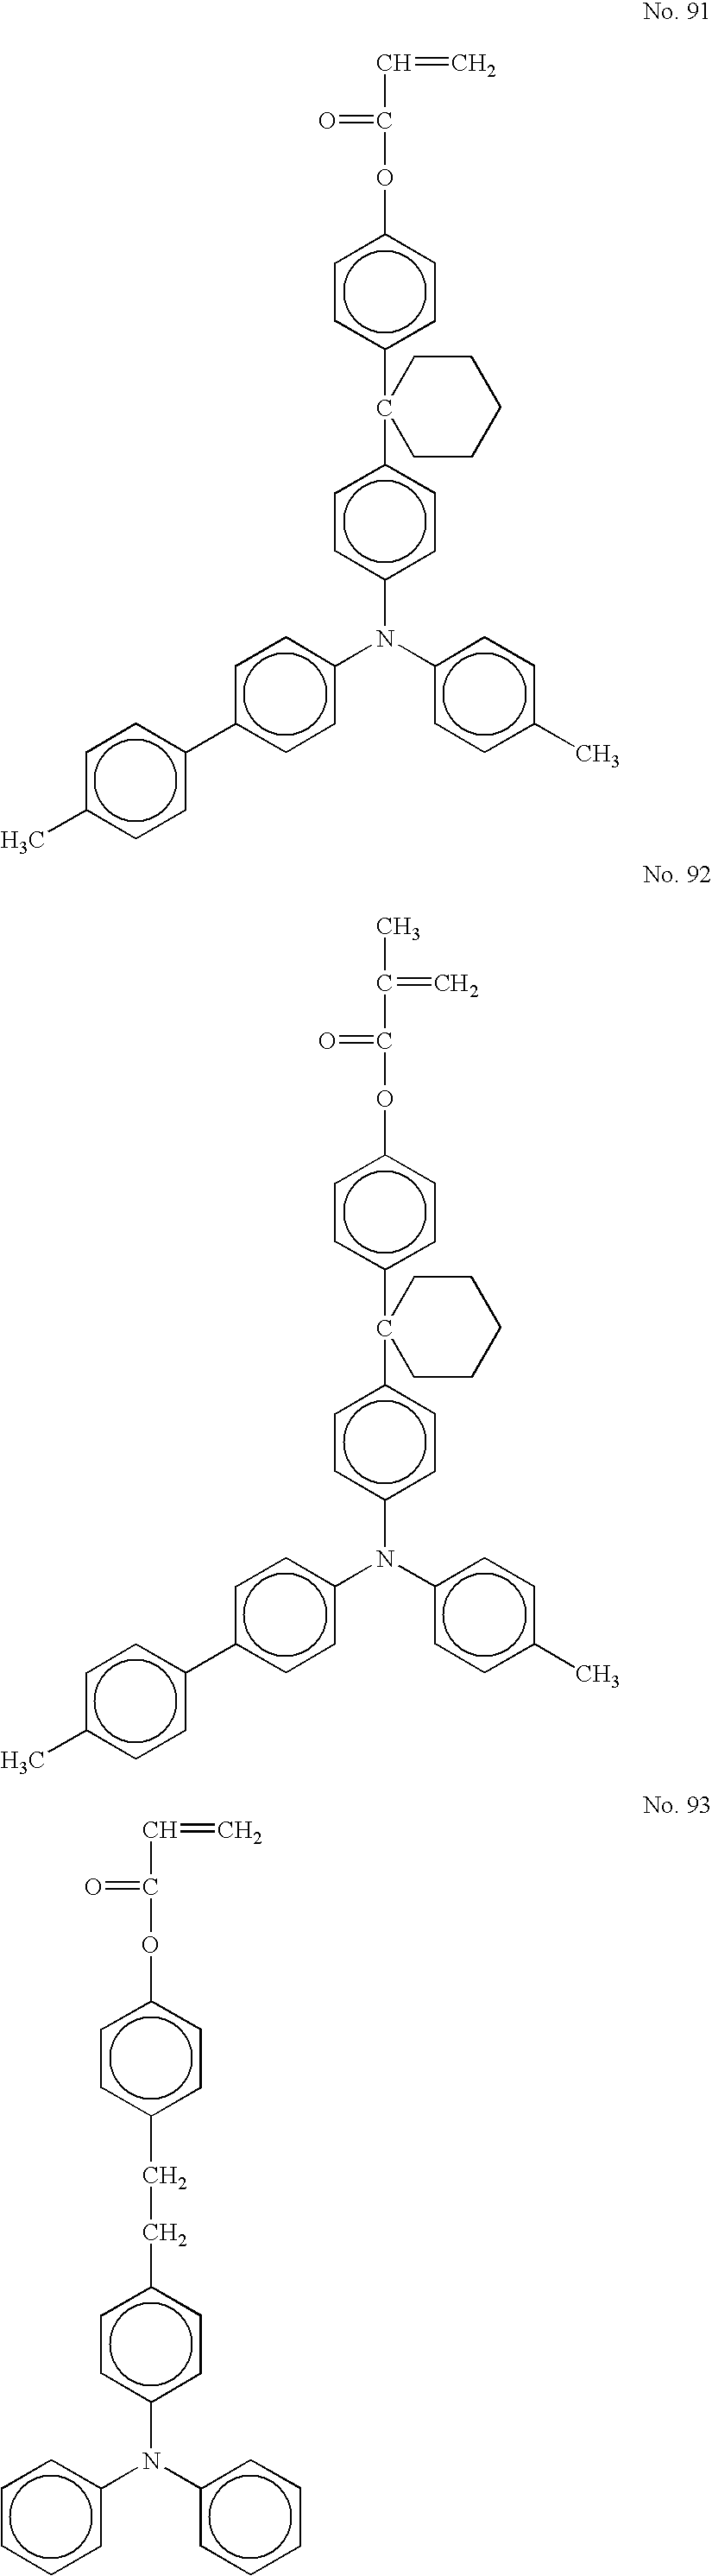 Figure US07175957-20070213-C00042